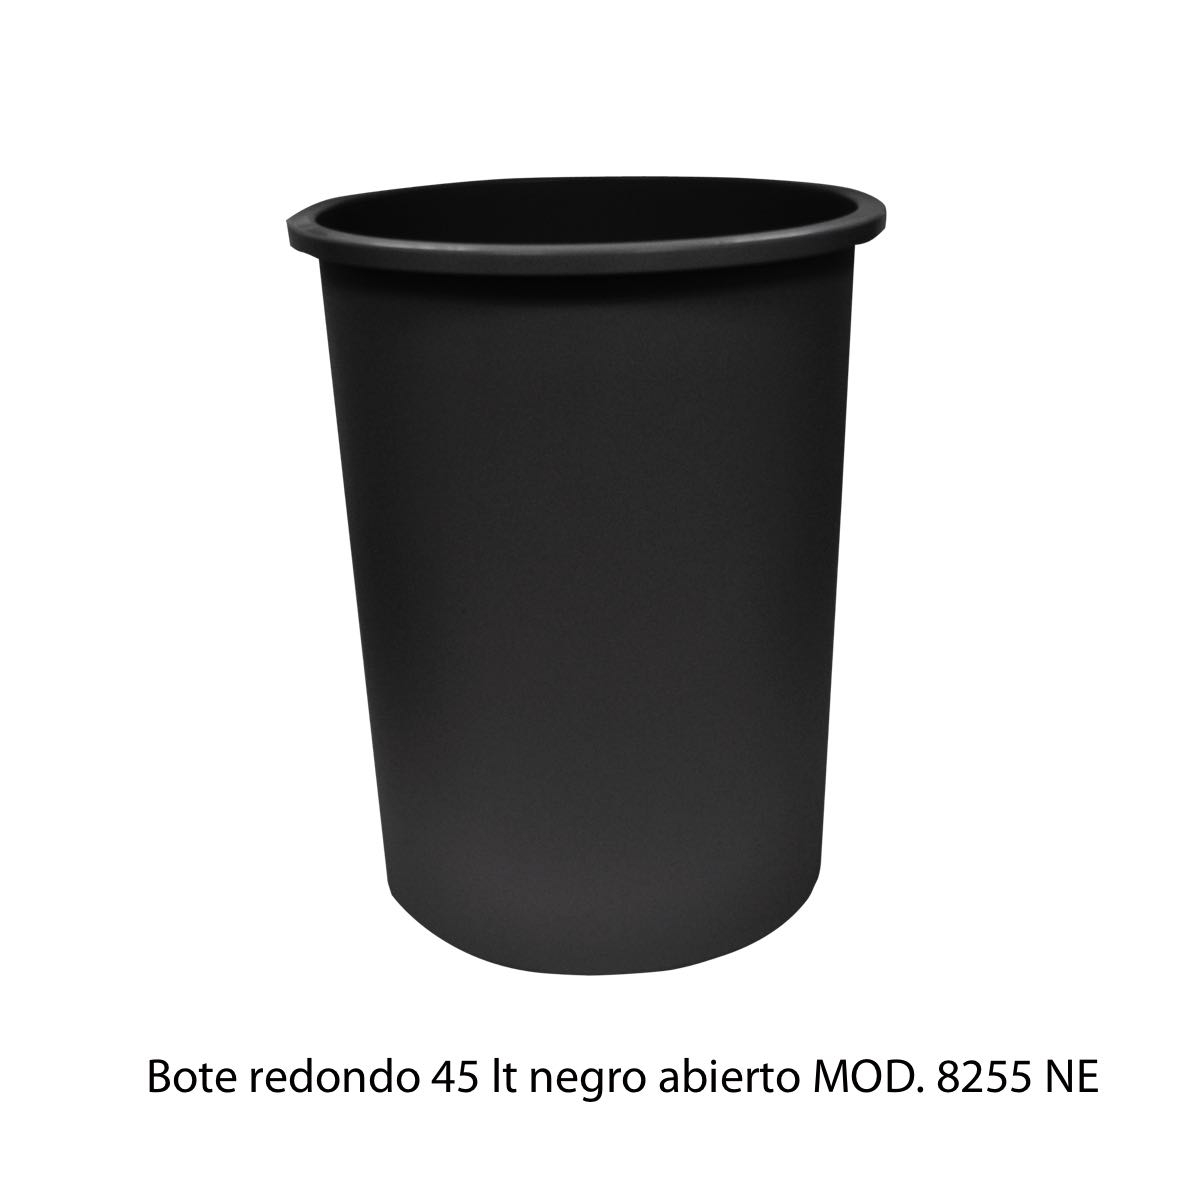 Bote de basura redondo de 45 litros sin tapa color negro modelo 8255 NE Sablón